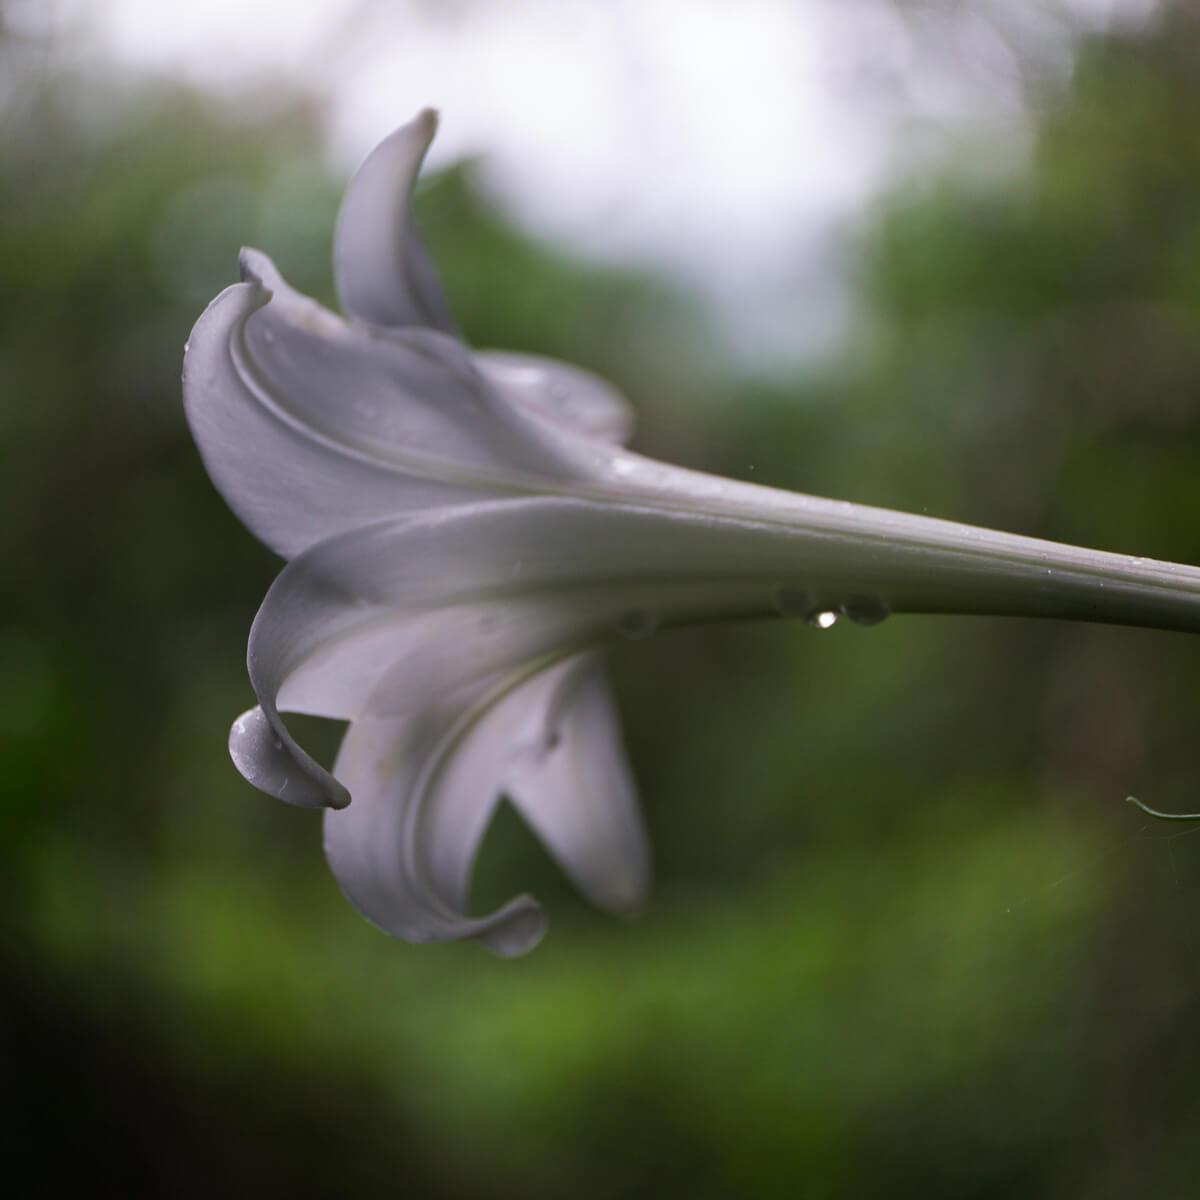 屋久島の百合 雨のしずく 屋久島花とジュエリー オーダーメイドジュエリーのモチーフ